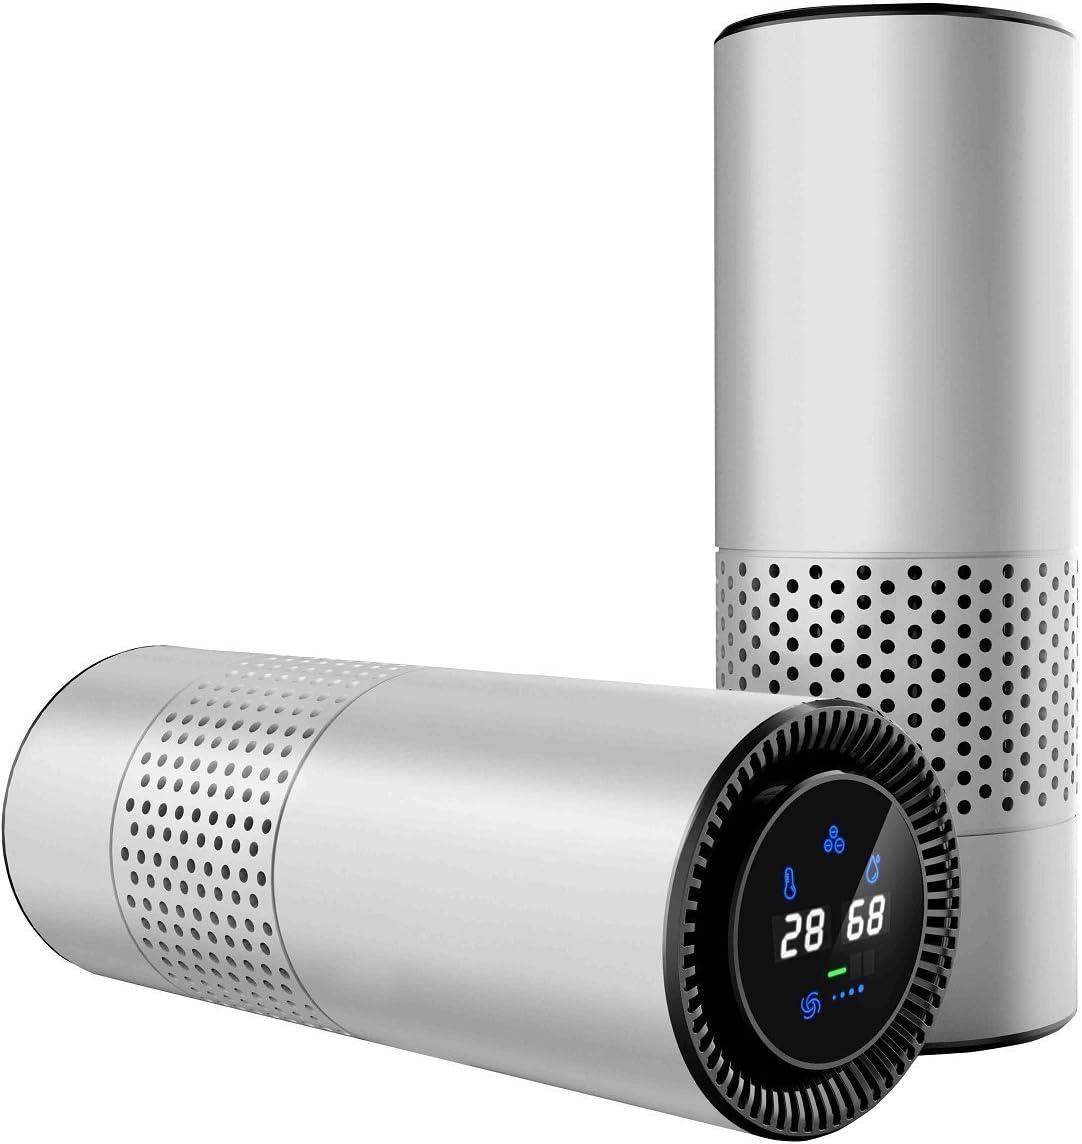 LEADYOUNG Control de Gestos HEPA purificador de Aire para los Enfermos de alergia, Eliminar el Polvo de Fumar Polen y Malos olores, Escritorio de Oficina de Coche y Dormitorio (Plata): Amazon.es: Hogar